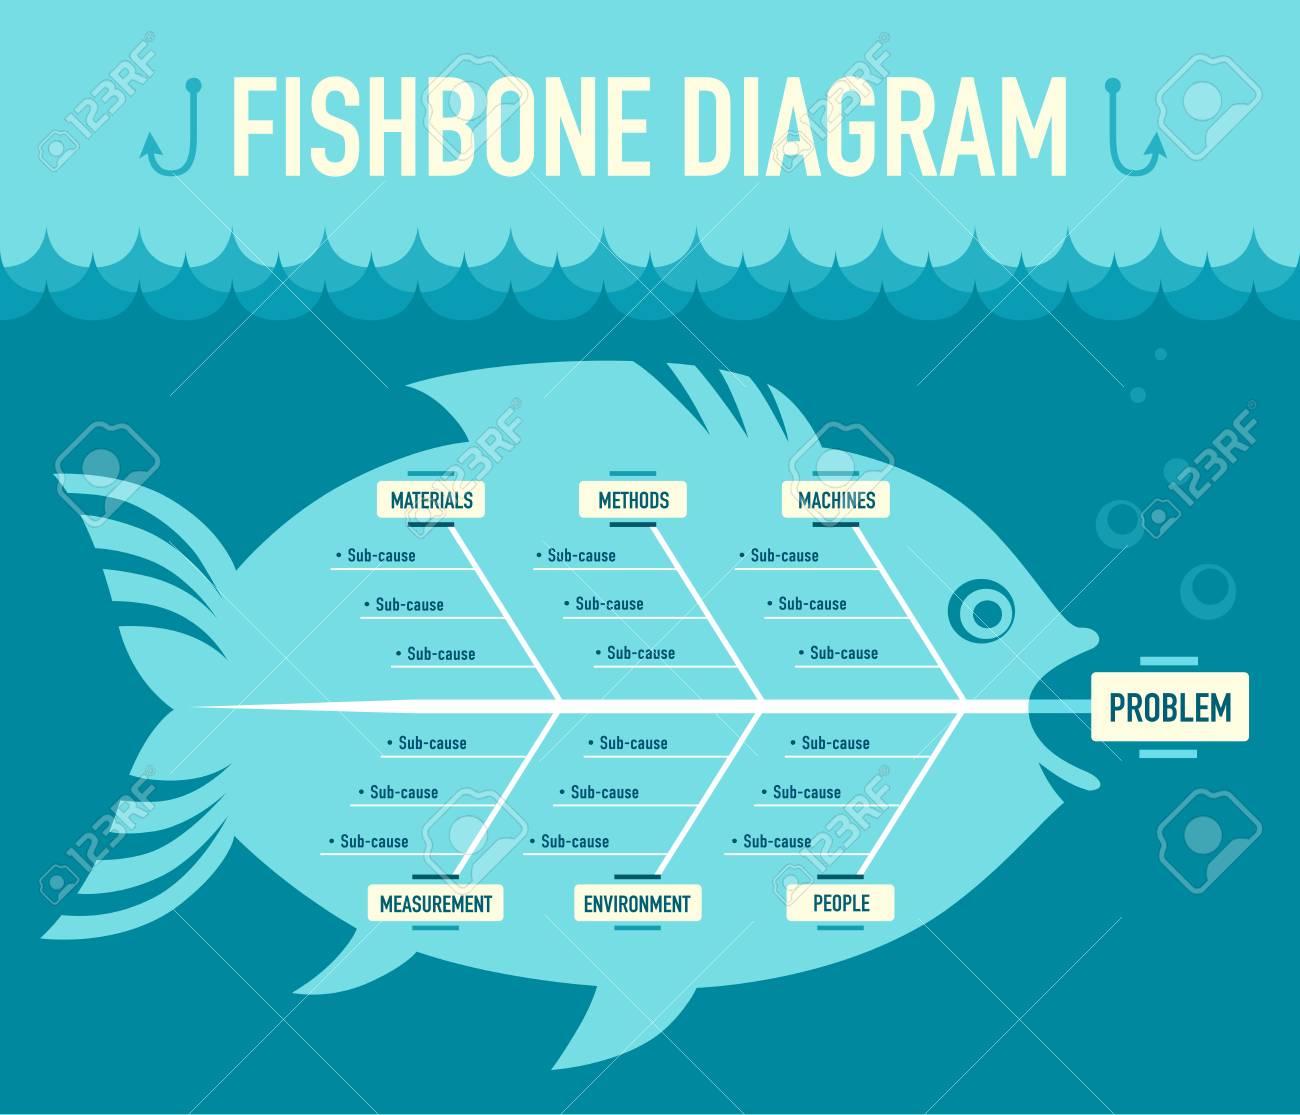 fishbone diagram - 64884378